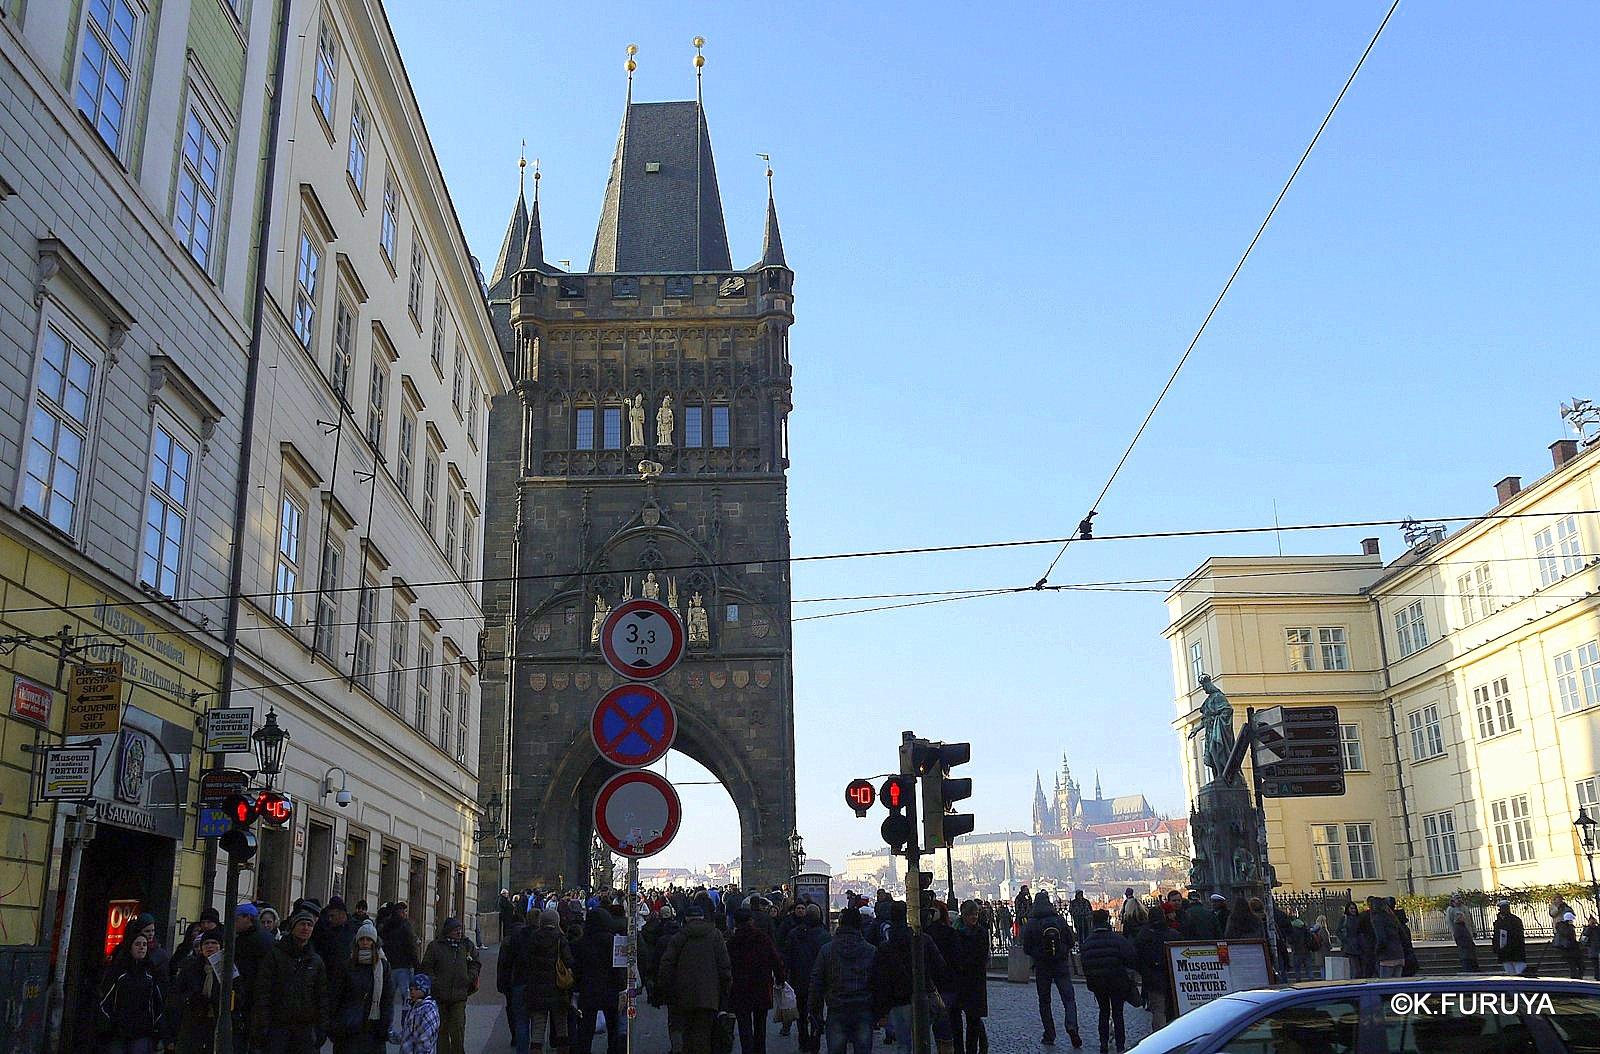 プラハ 8 カレル橋から旧市街へ_a0092659_14471622.jpg